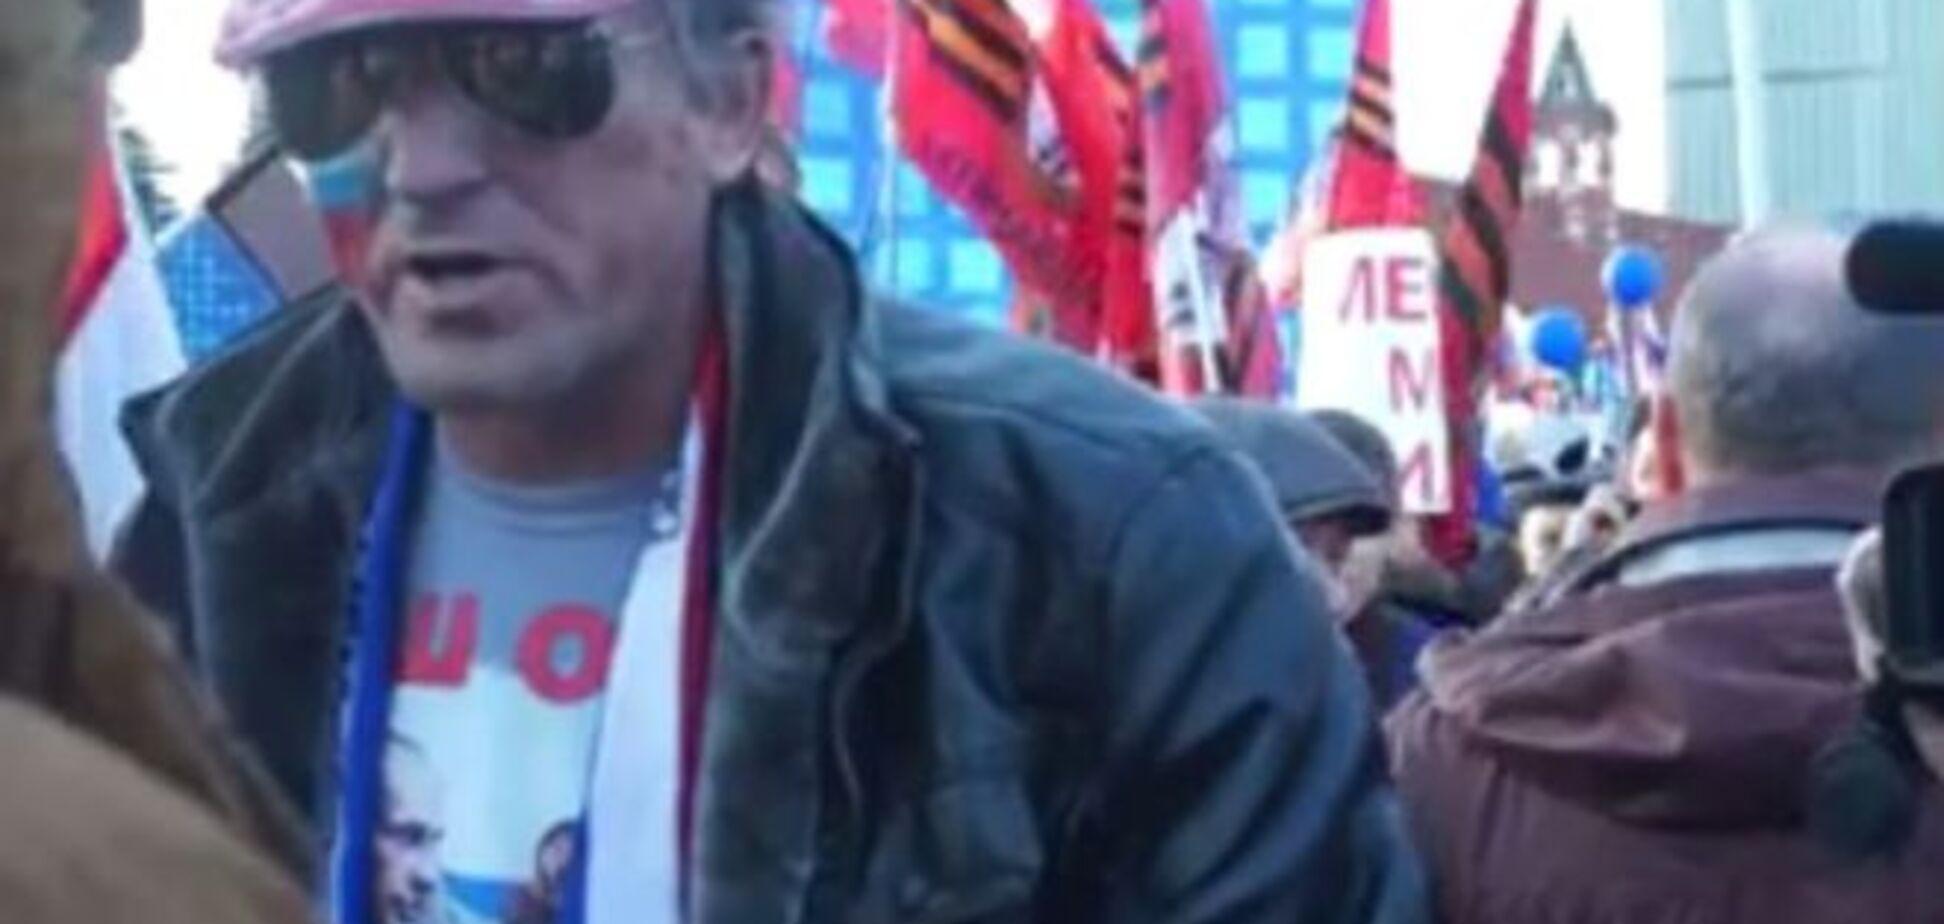 Эпичное видео: россиянин пытается объяснить поклоннику Кремля, что топтать флаг США - нехорошо